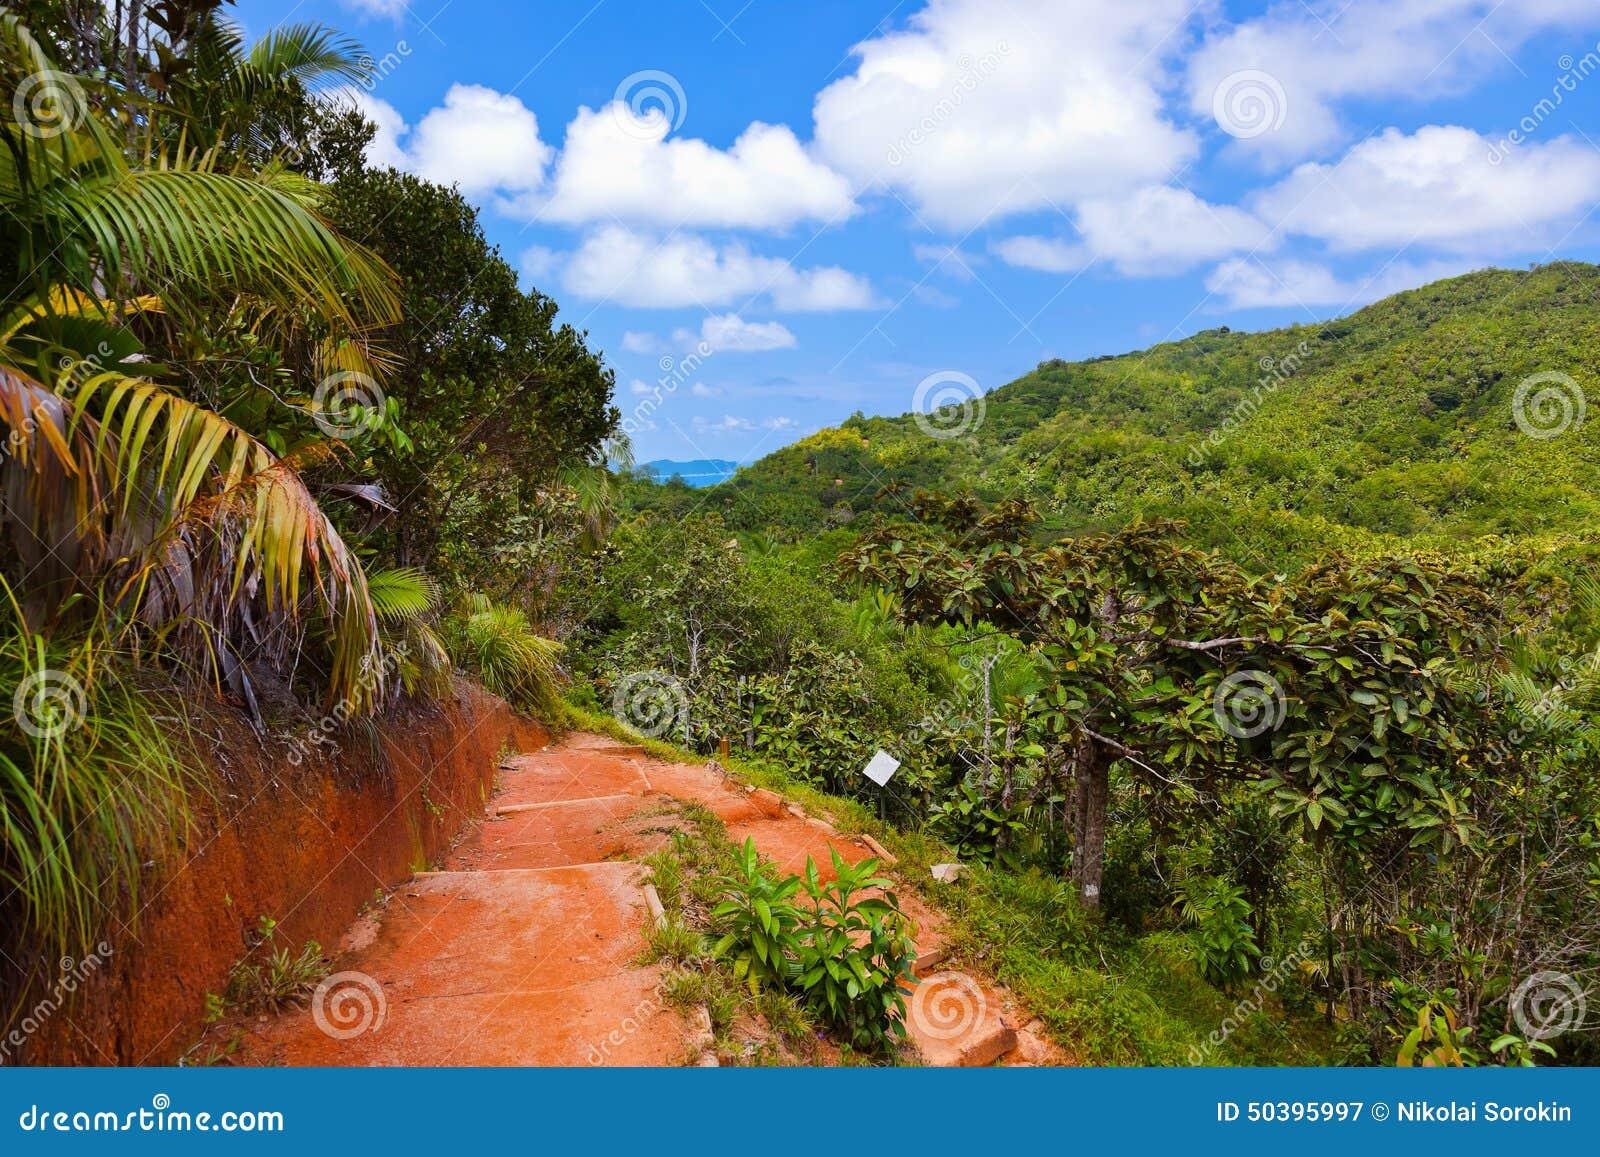 Bana i djungeln - Vallee de Mai - Seychellerna